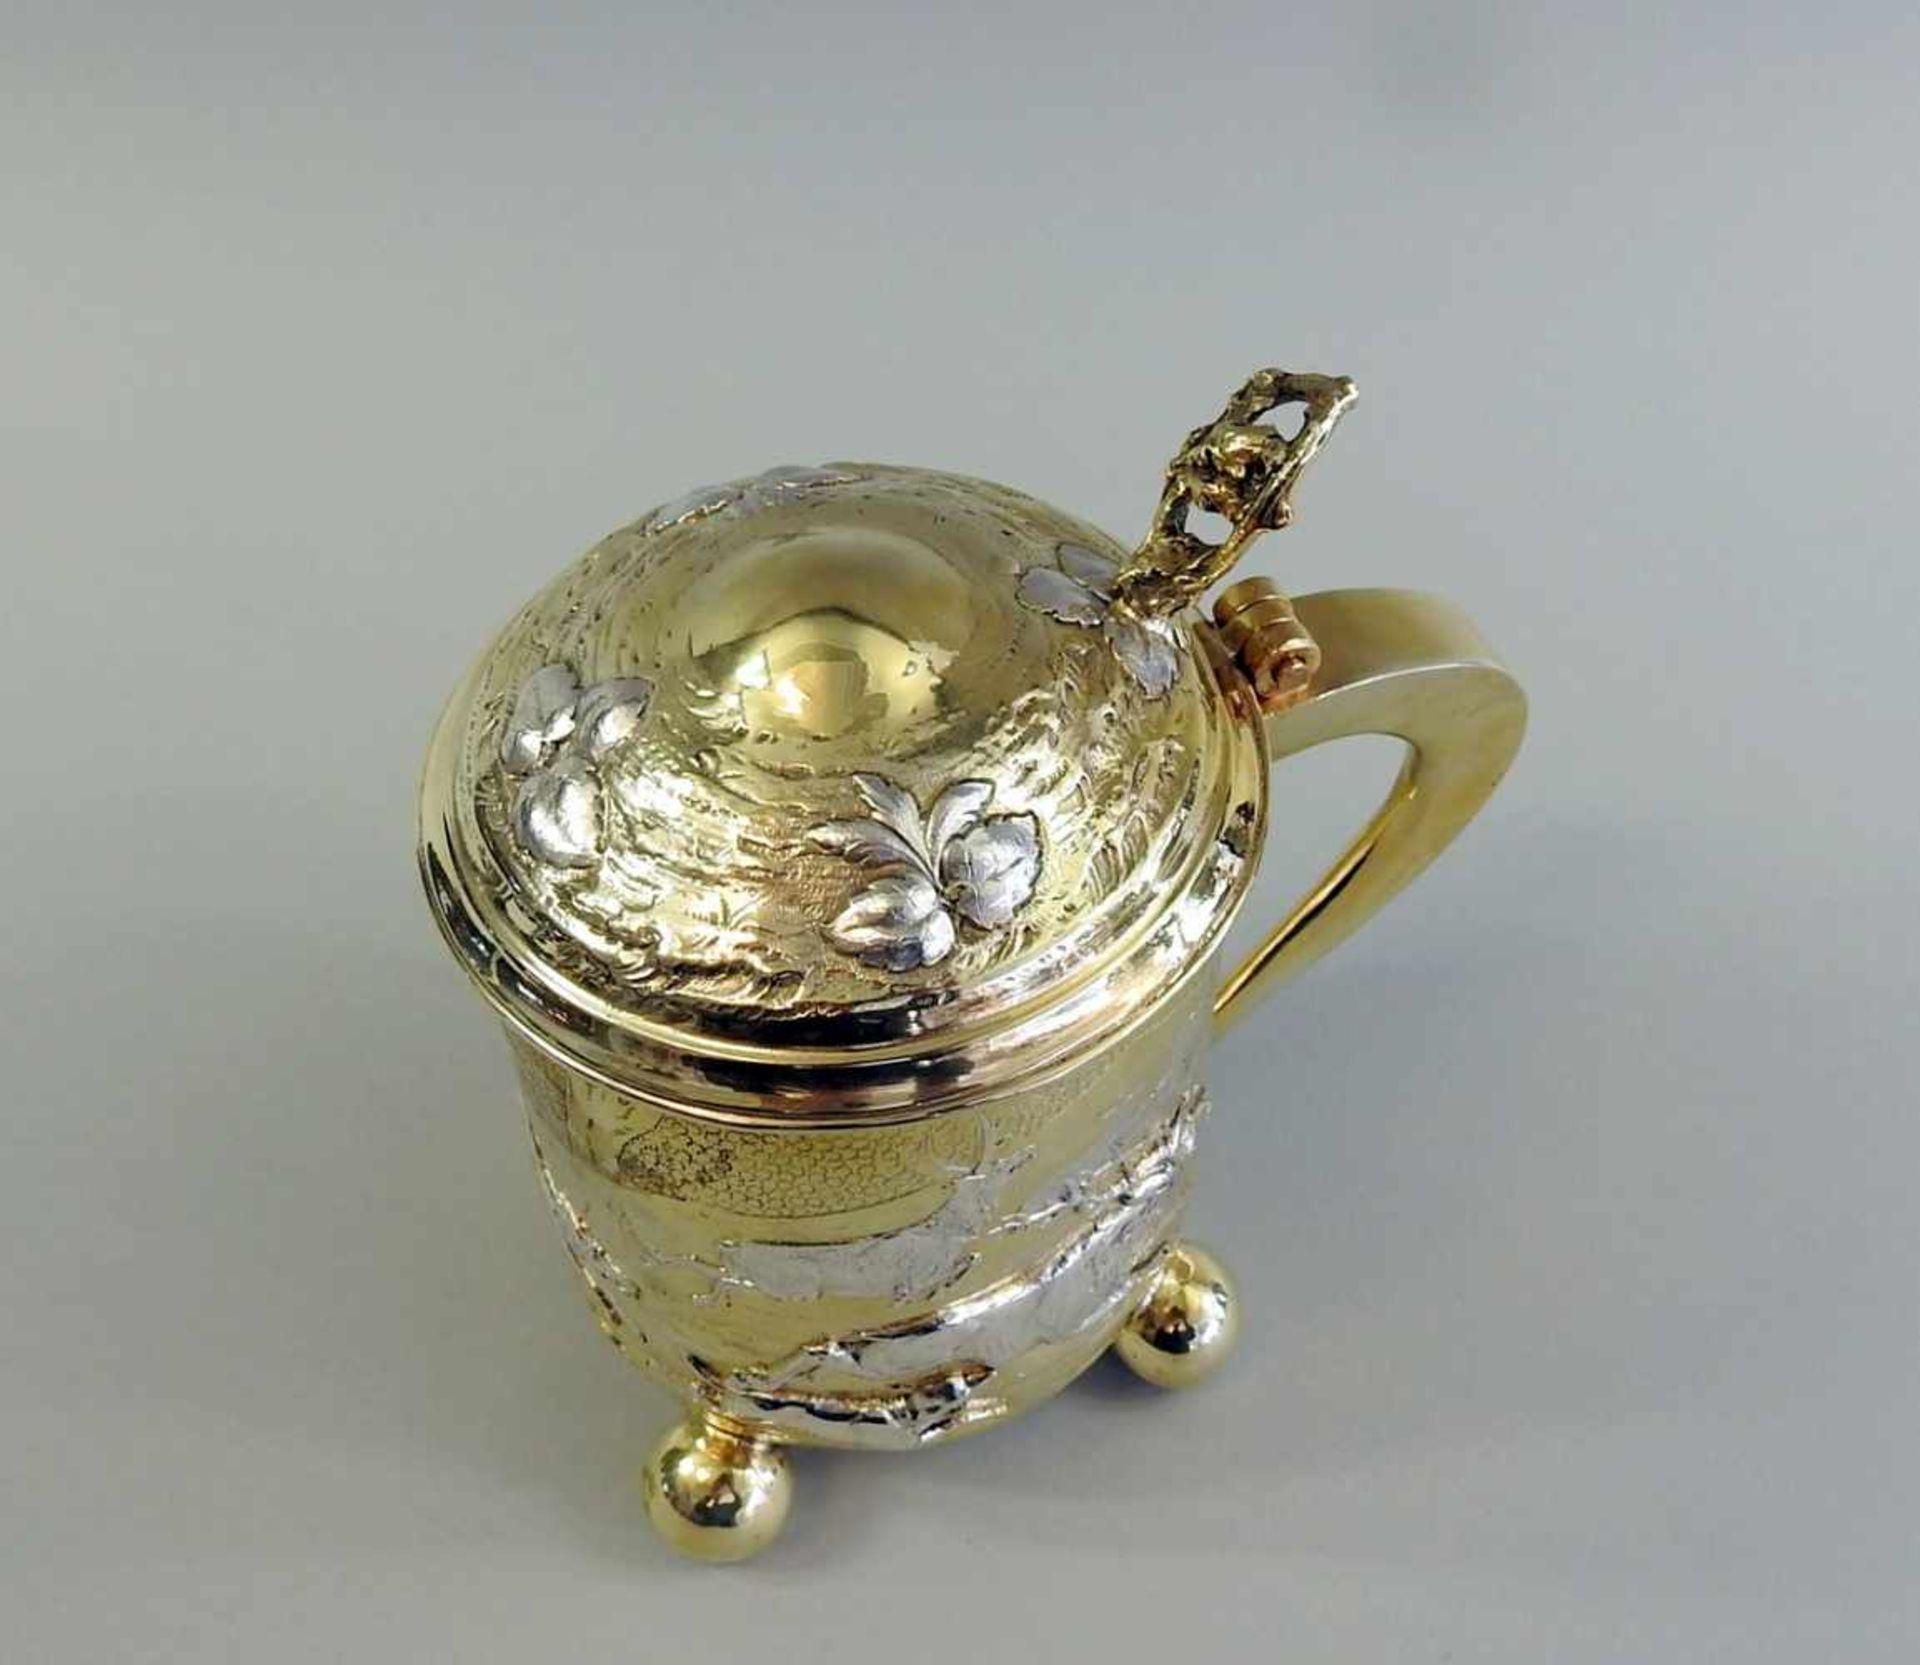 Los 14 - Prunk-Jagdhumpen auf Kugelfüßchen Silber 800, Halbmond und Krone, reich vergoldet. Die reliefierte